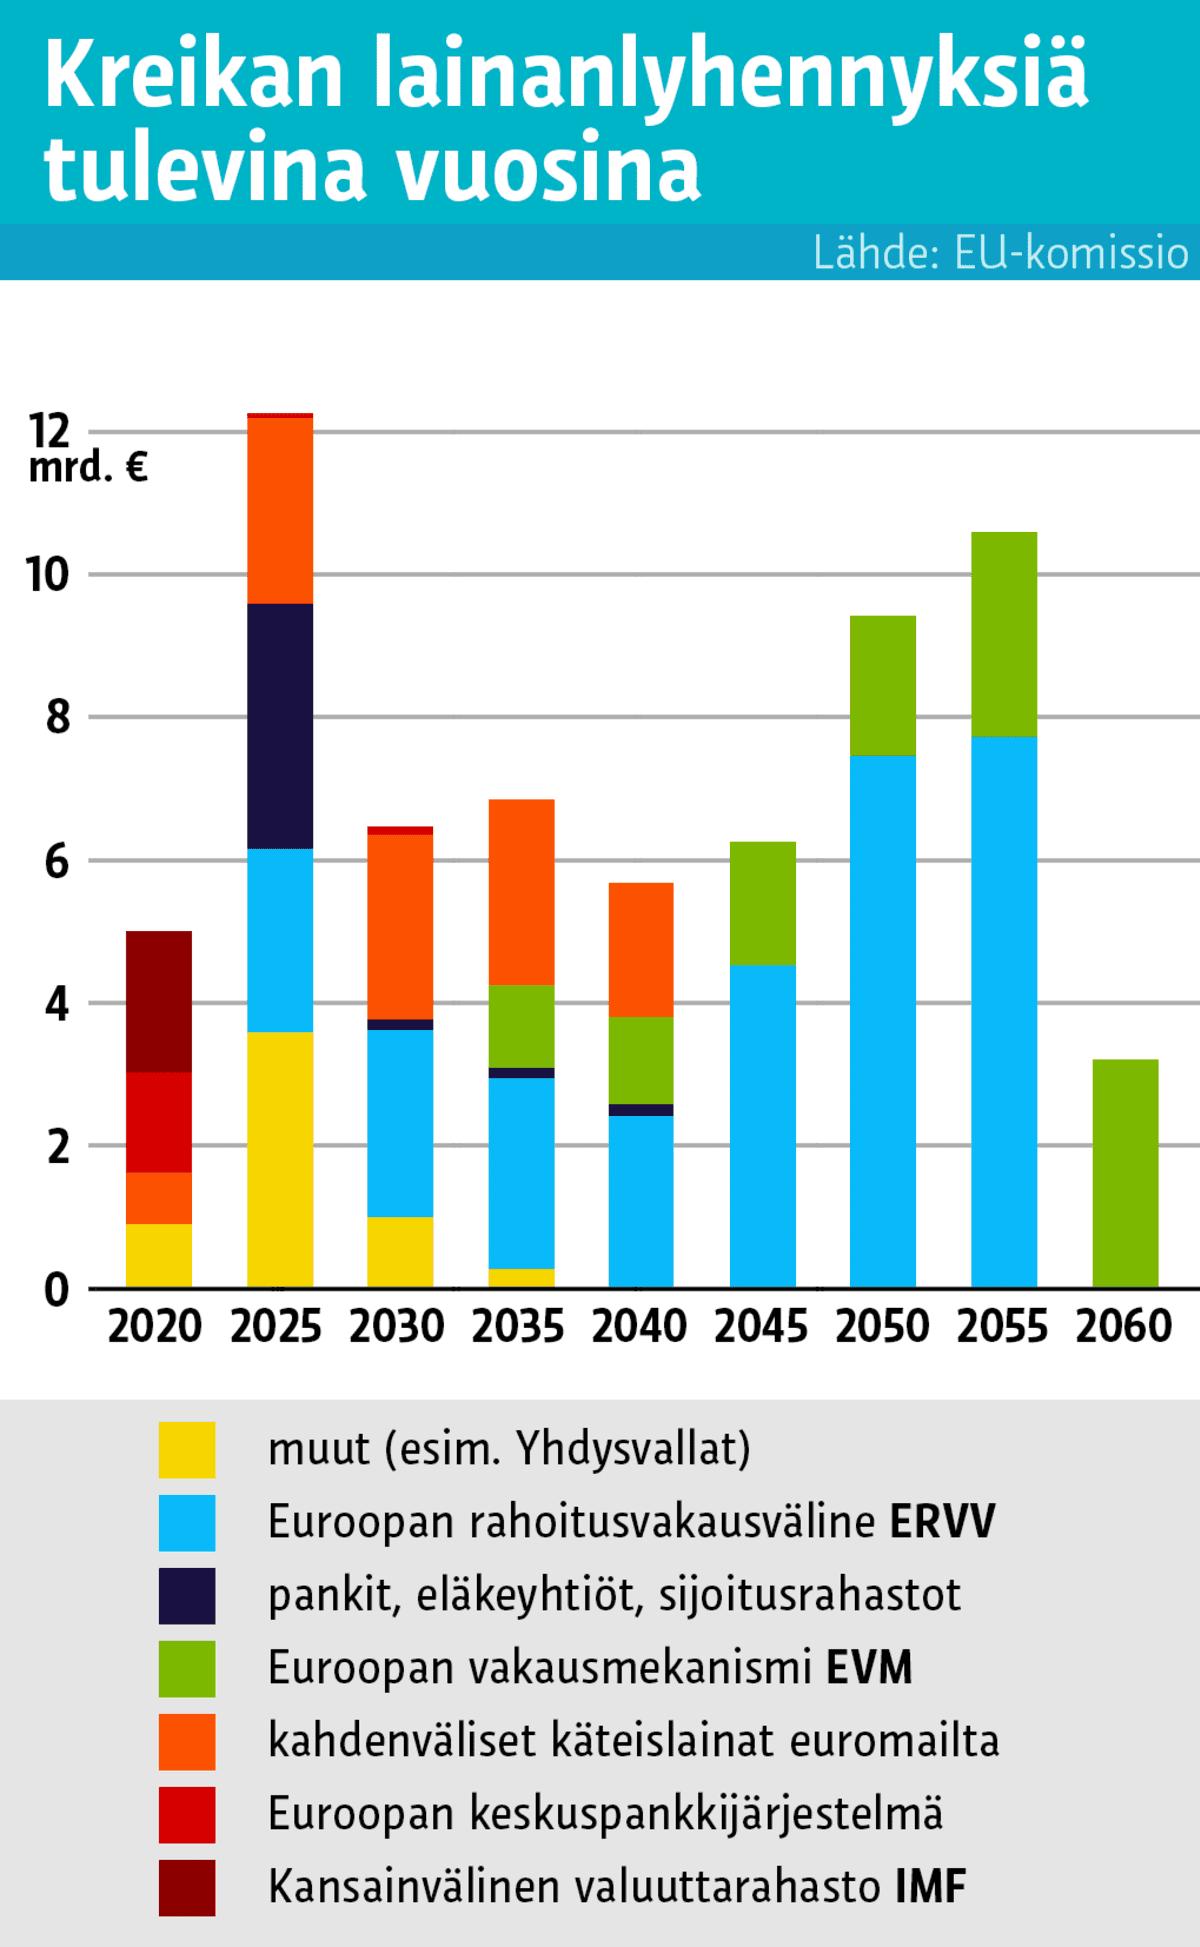 Grafiikka Kreikan lainanlyhennyksistä tulevina vuosina.